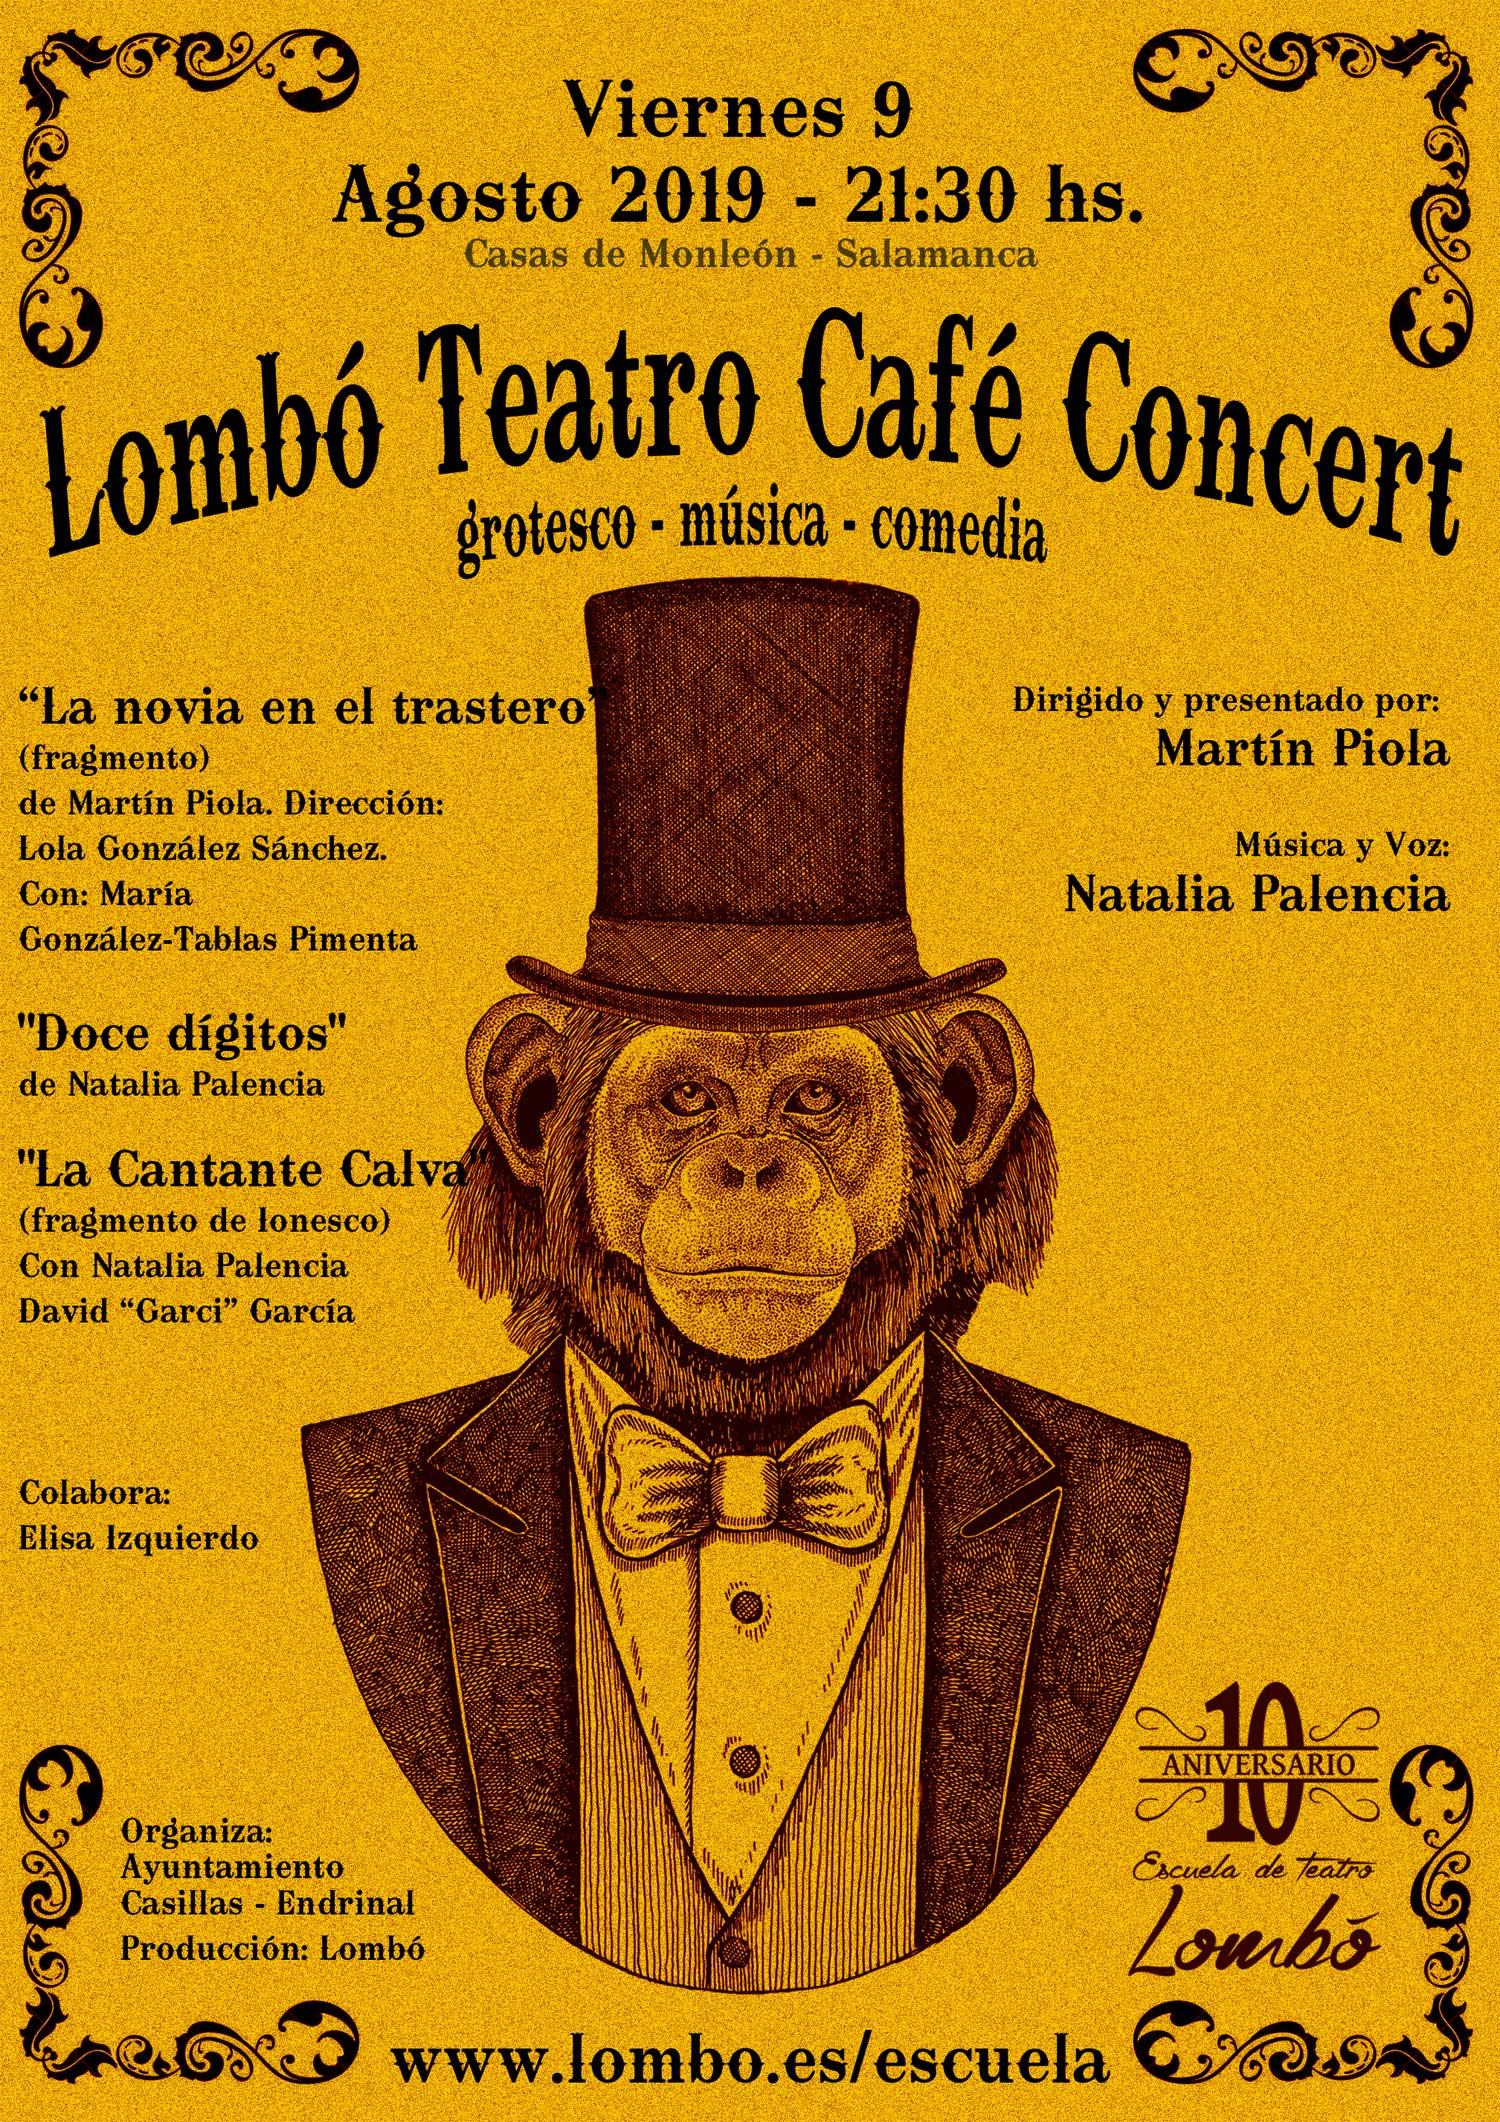 Lombó Teatro Café Concert